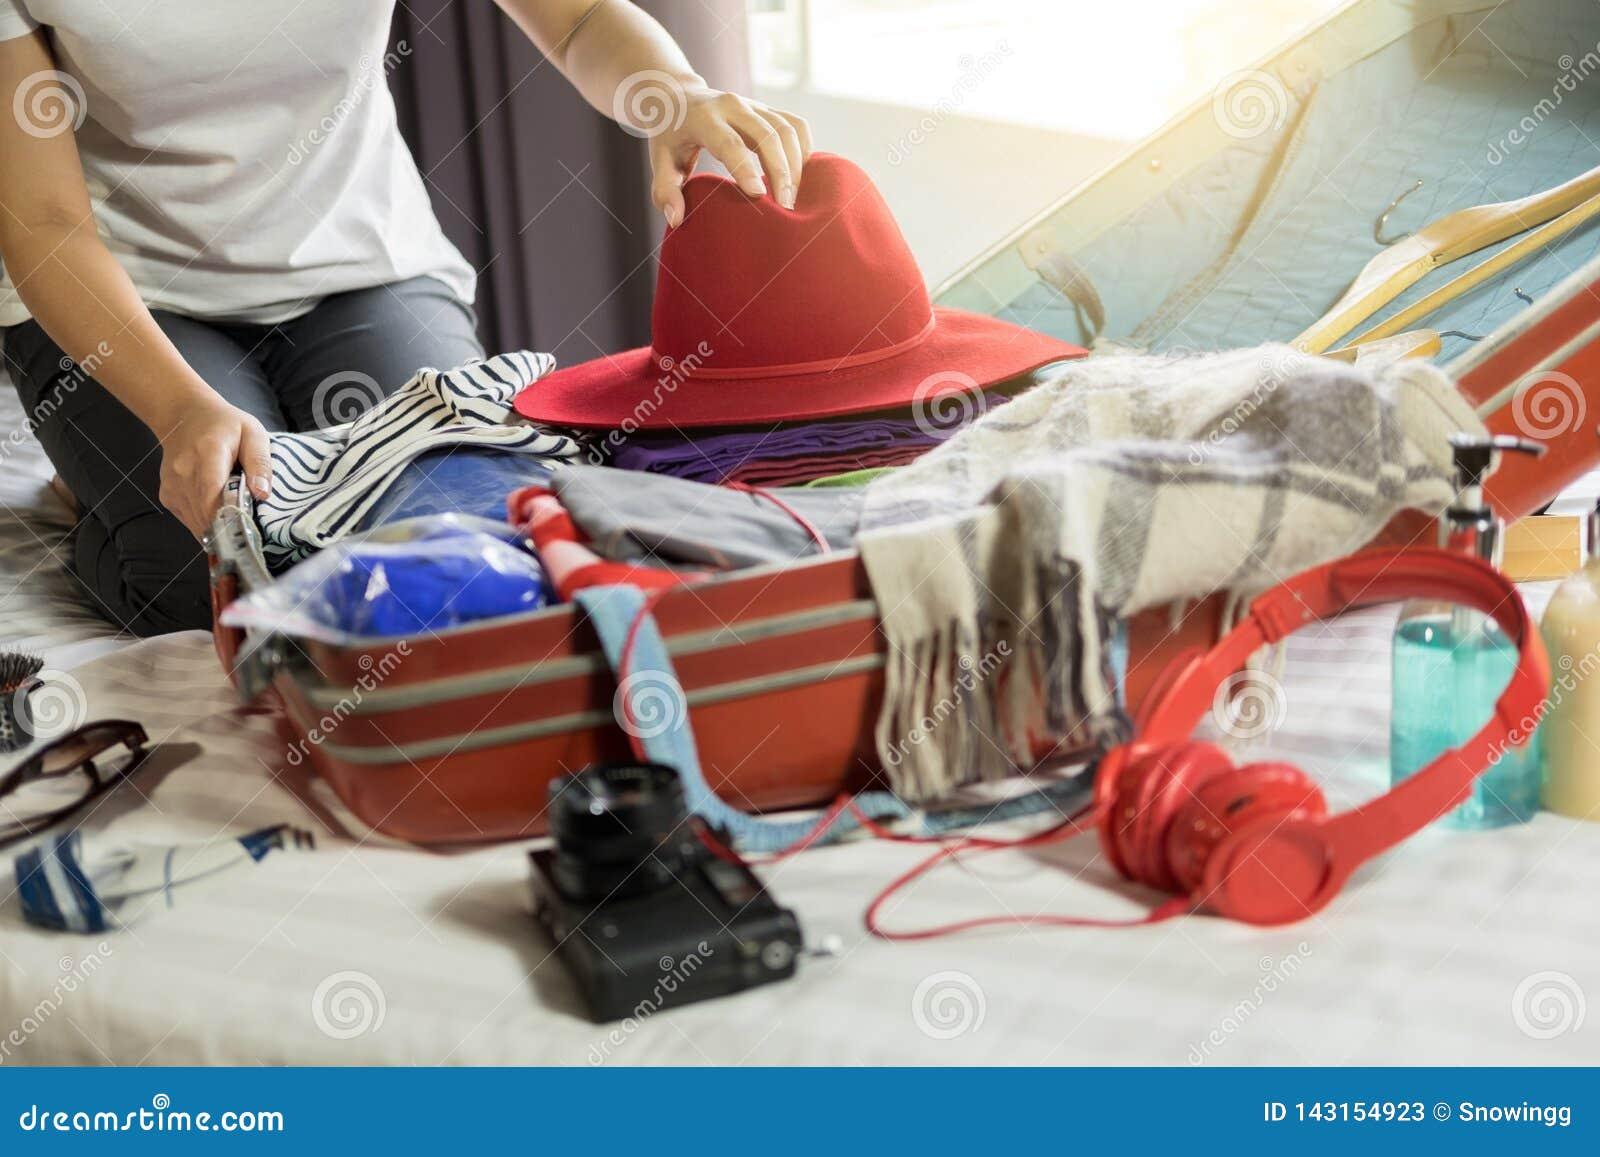 包装一次新的旅途和旅行的妇女手一件行李一个长的周末